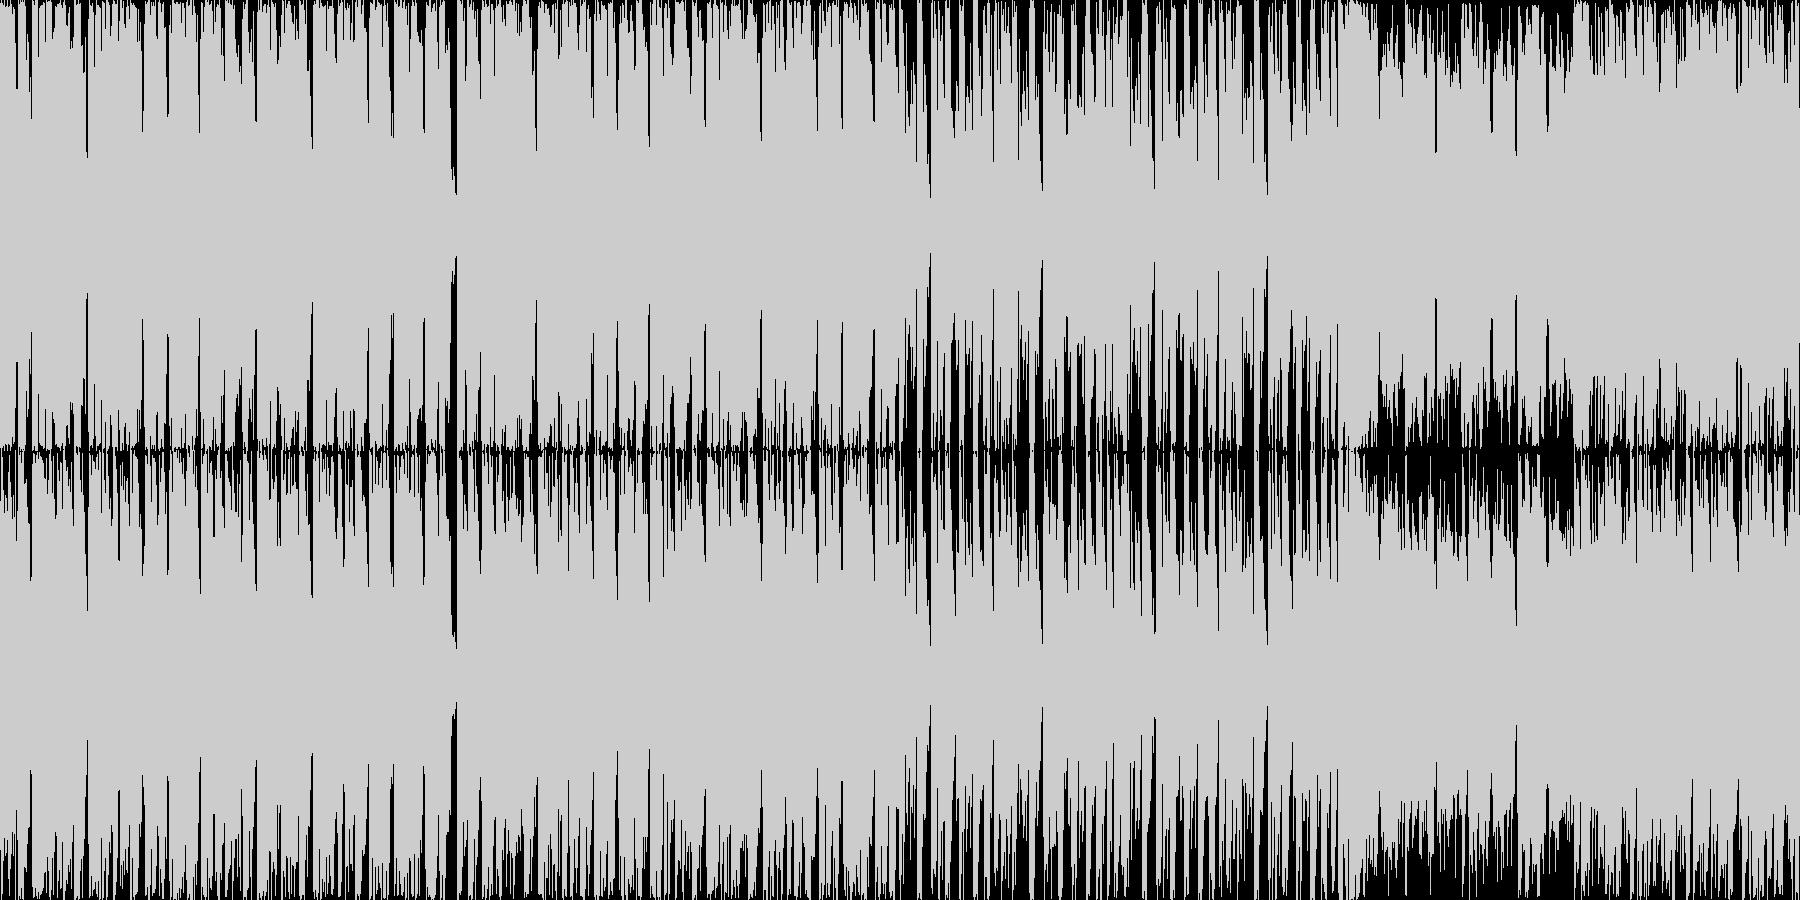 ロックマンを意識した疾走感重視のドラム…の未再生の波形